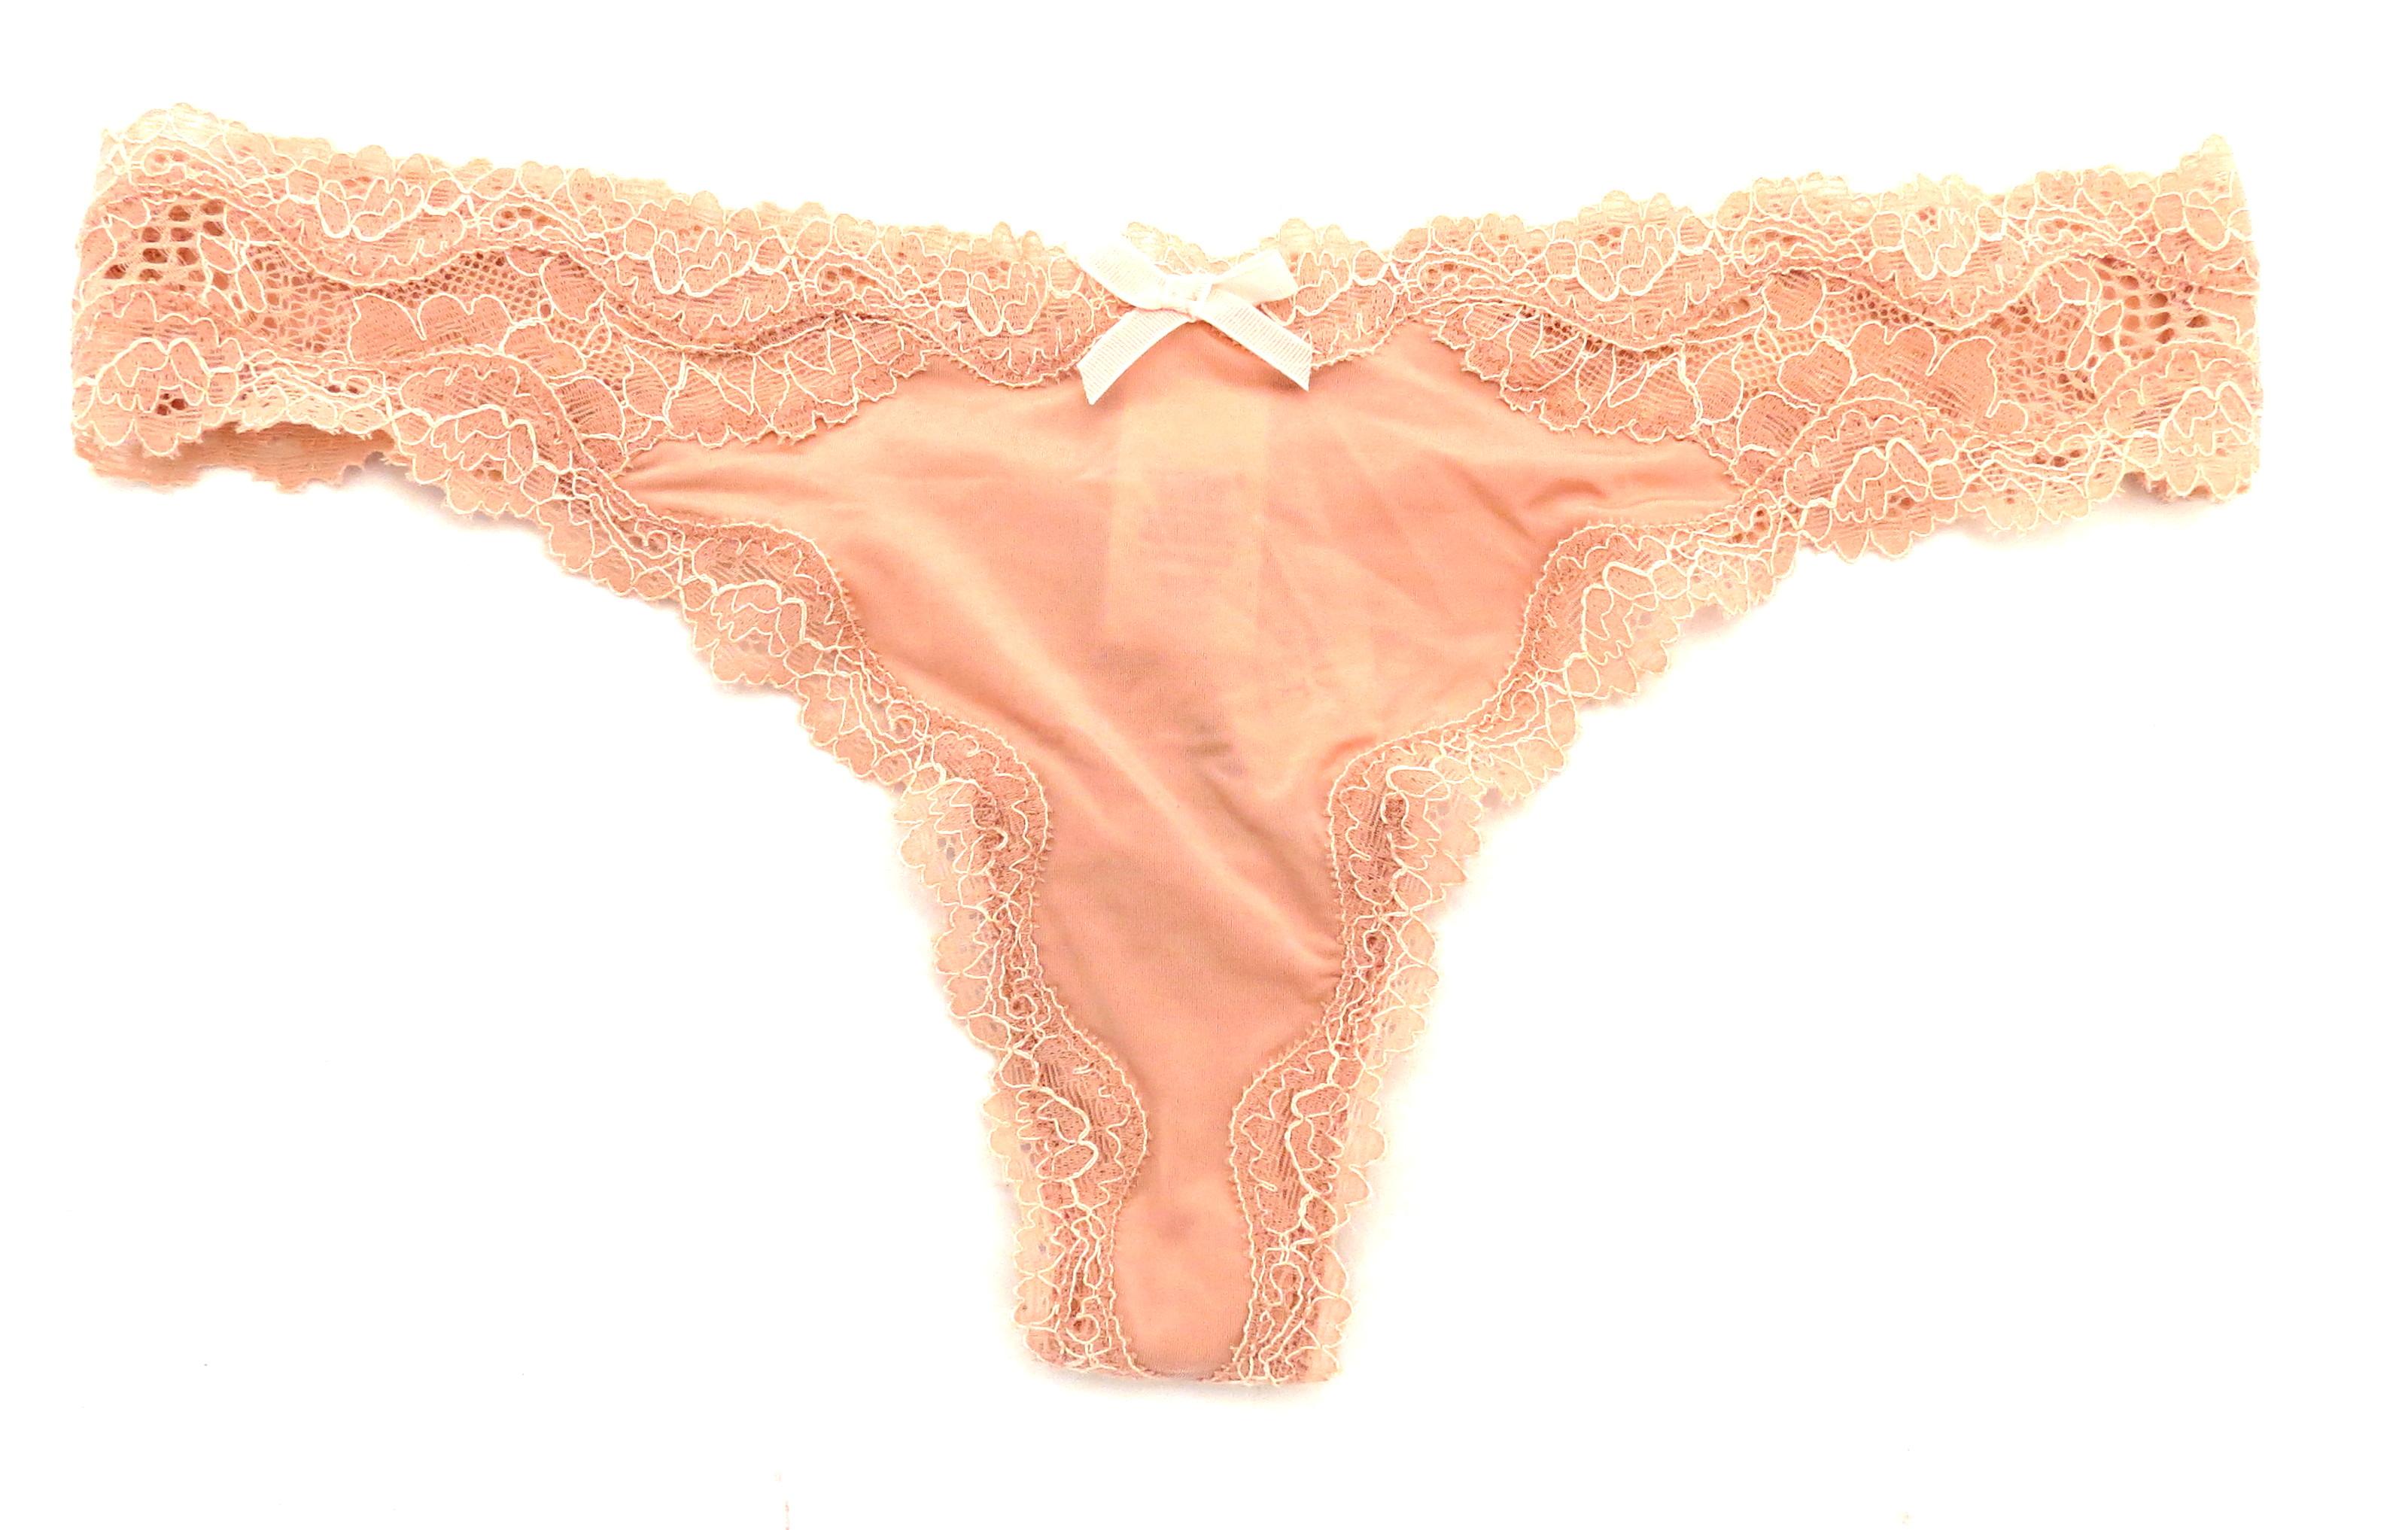 c78d7ad3760 Victoria's Secret Dream Angels Lace Trim Thong Panty Panties | eBay